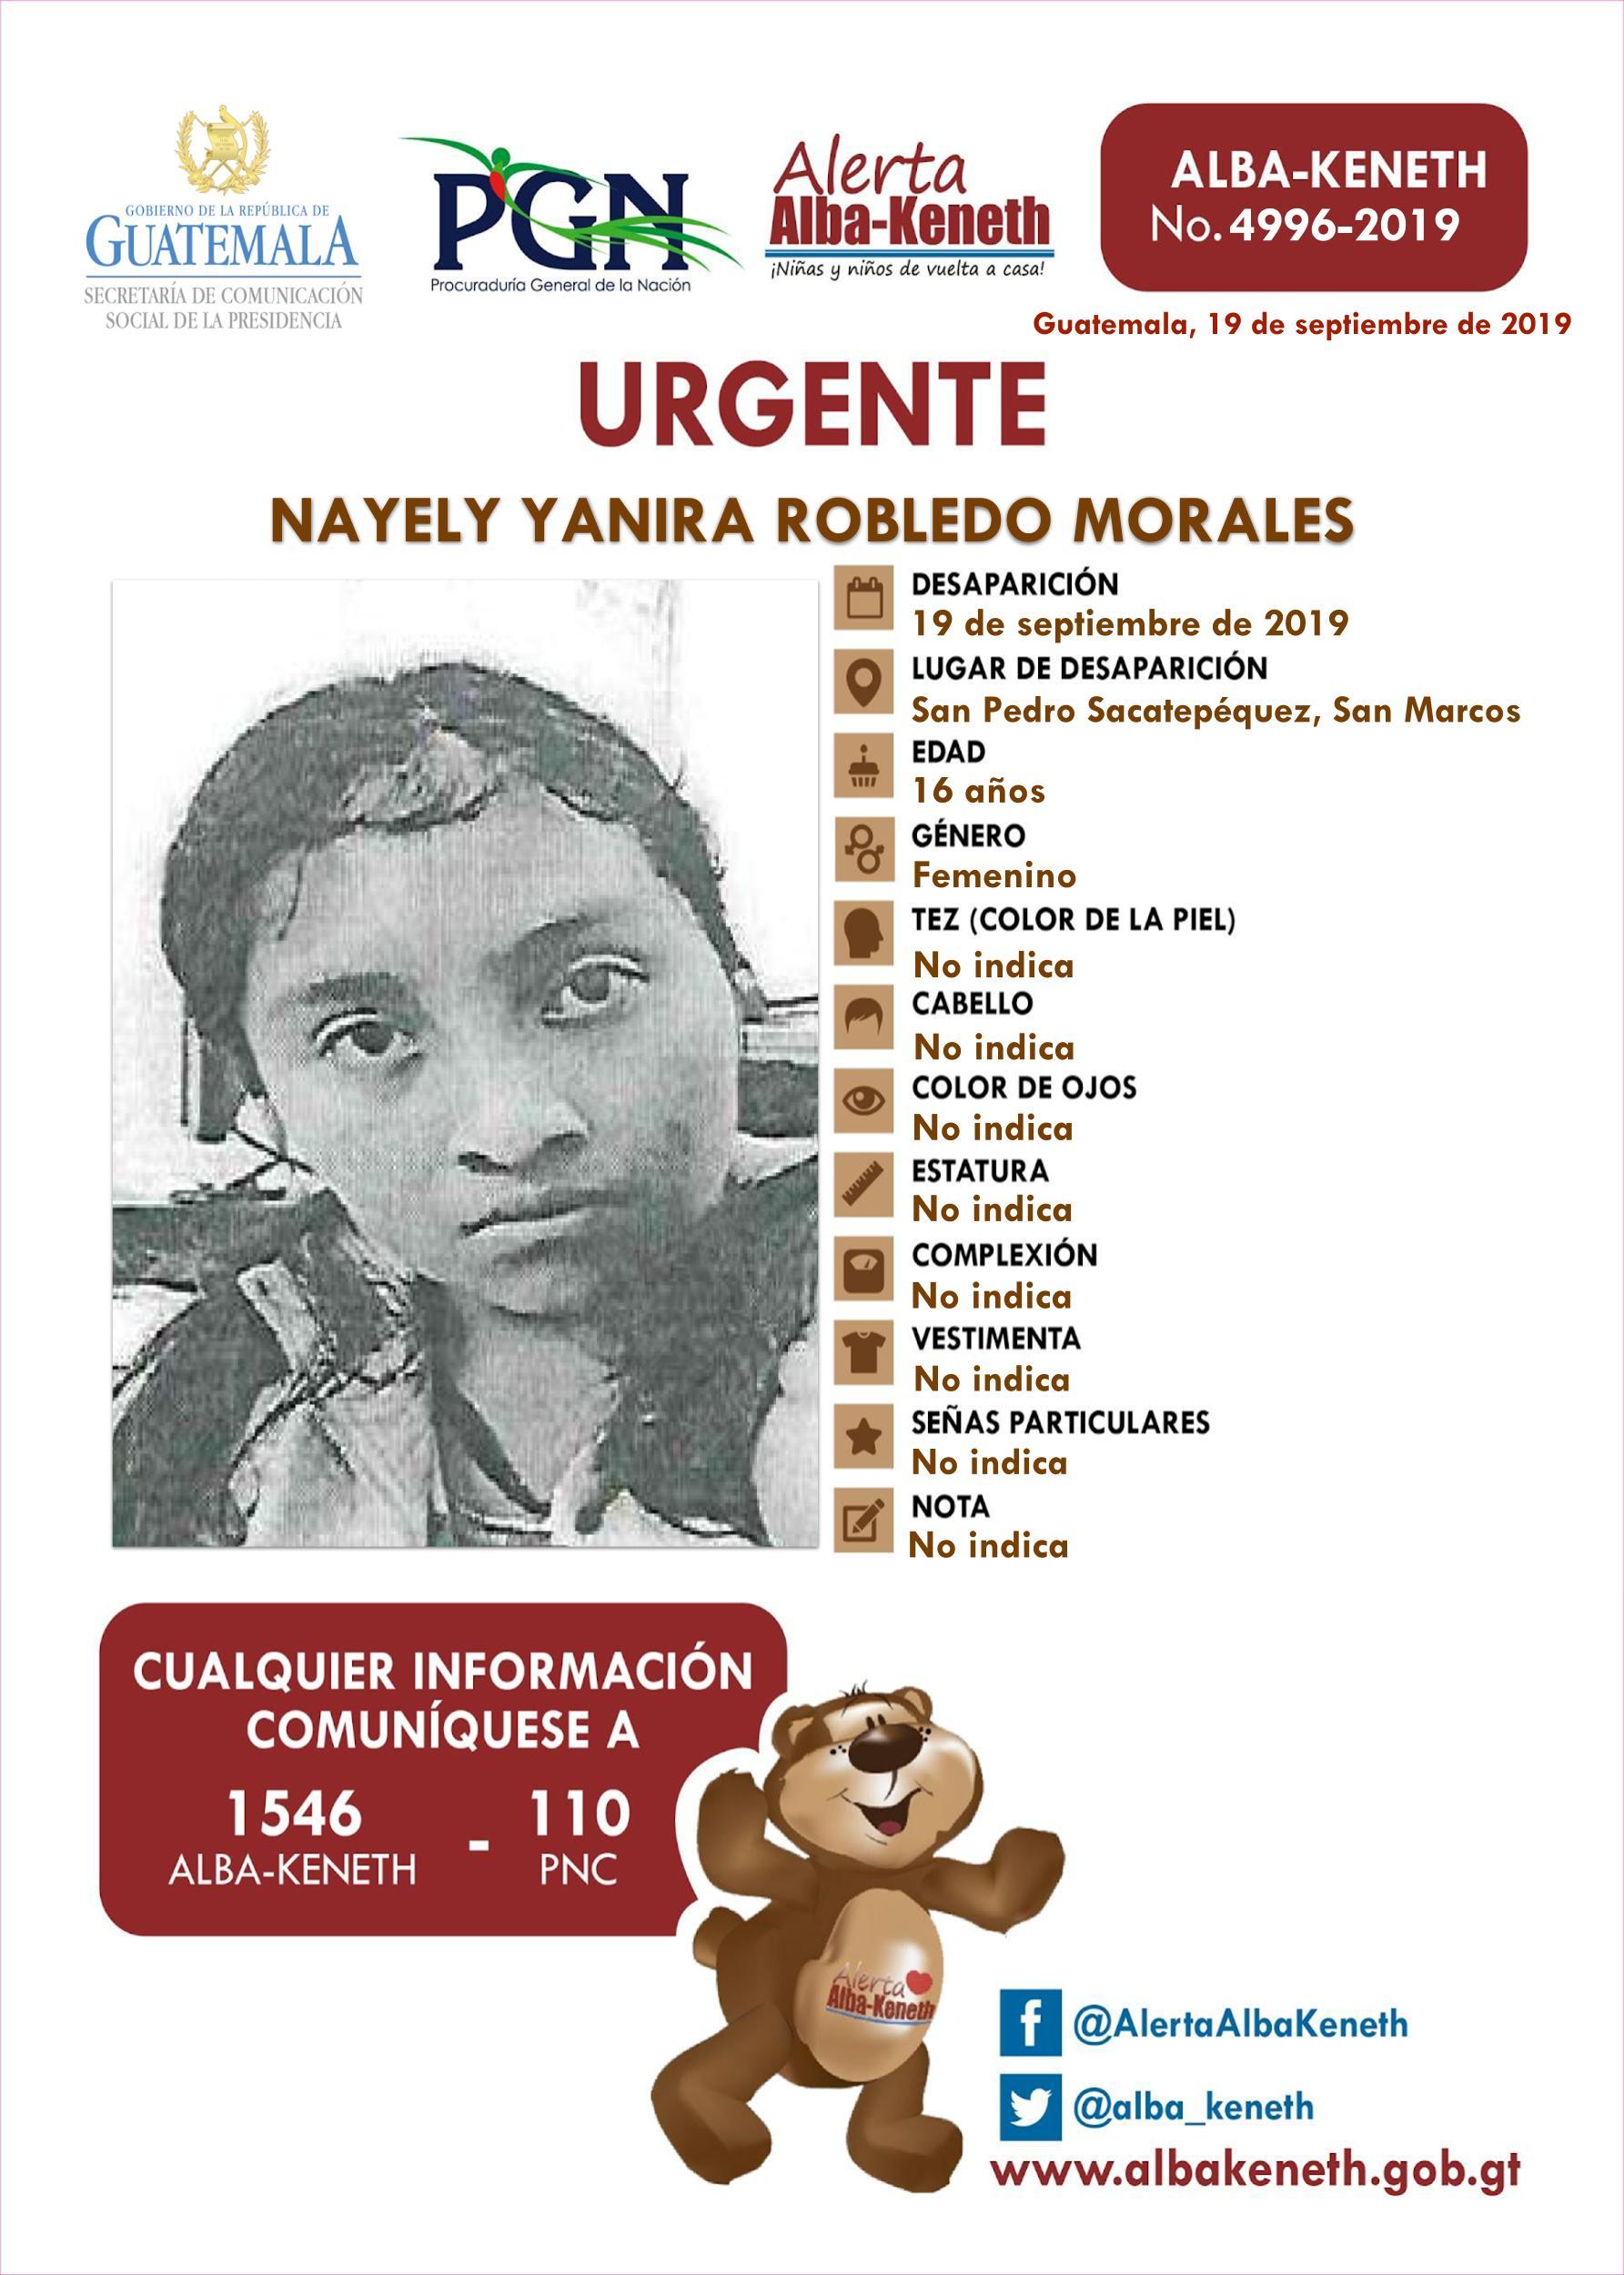 Nayeli Yanira Robledo Morales